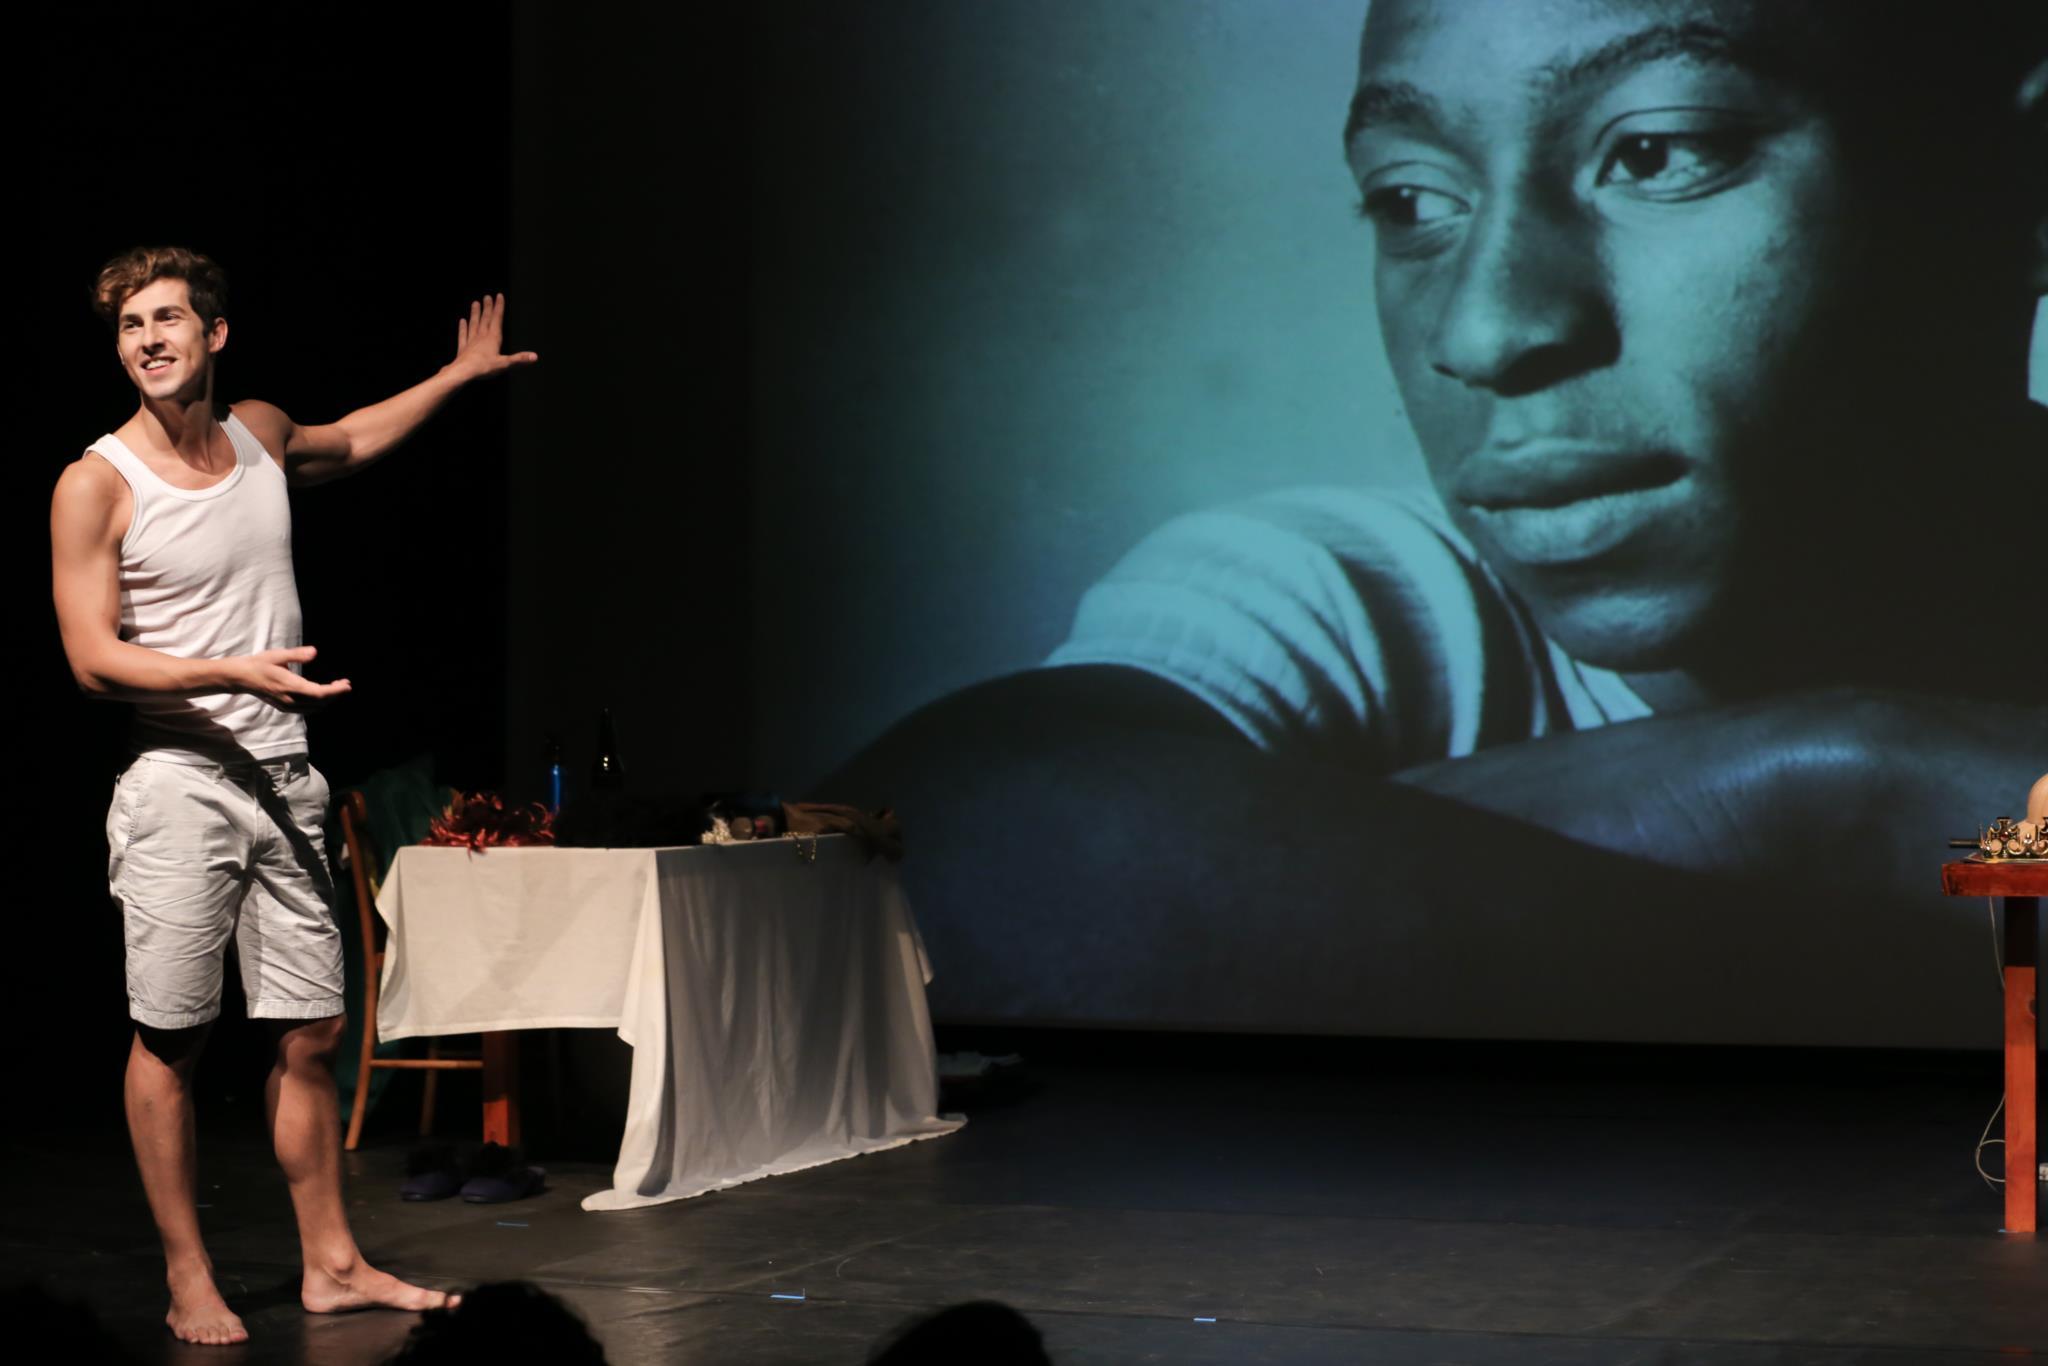 PÚBLICO - Do mundano ao sublime, Nelson Rodrigues em palco